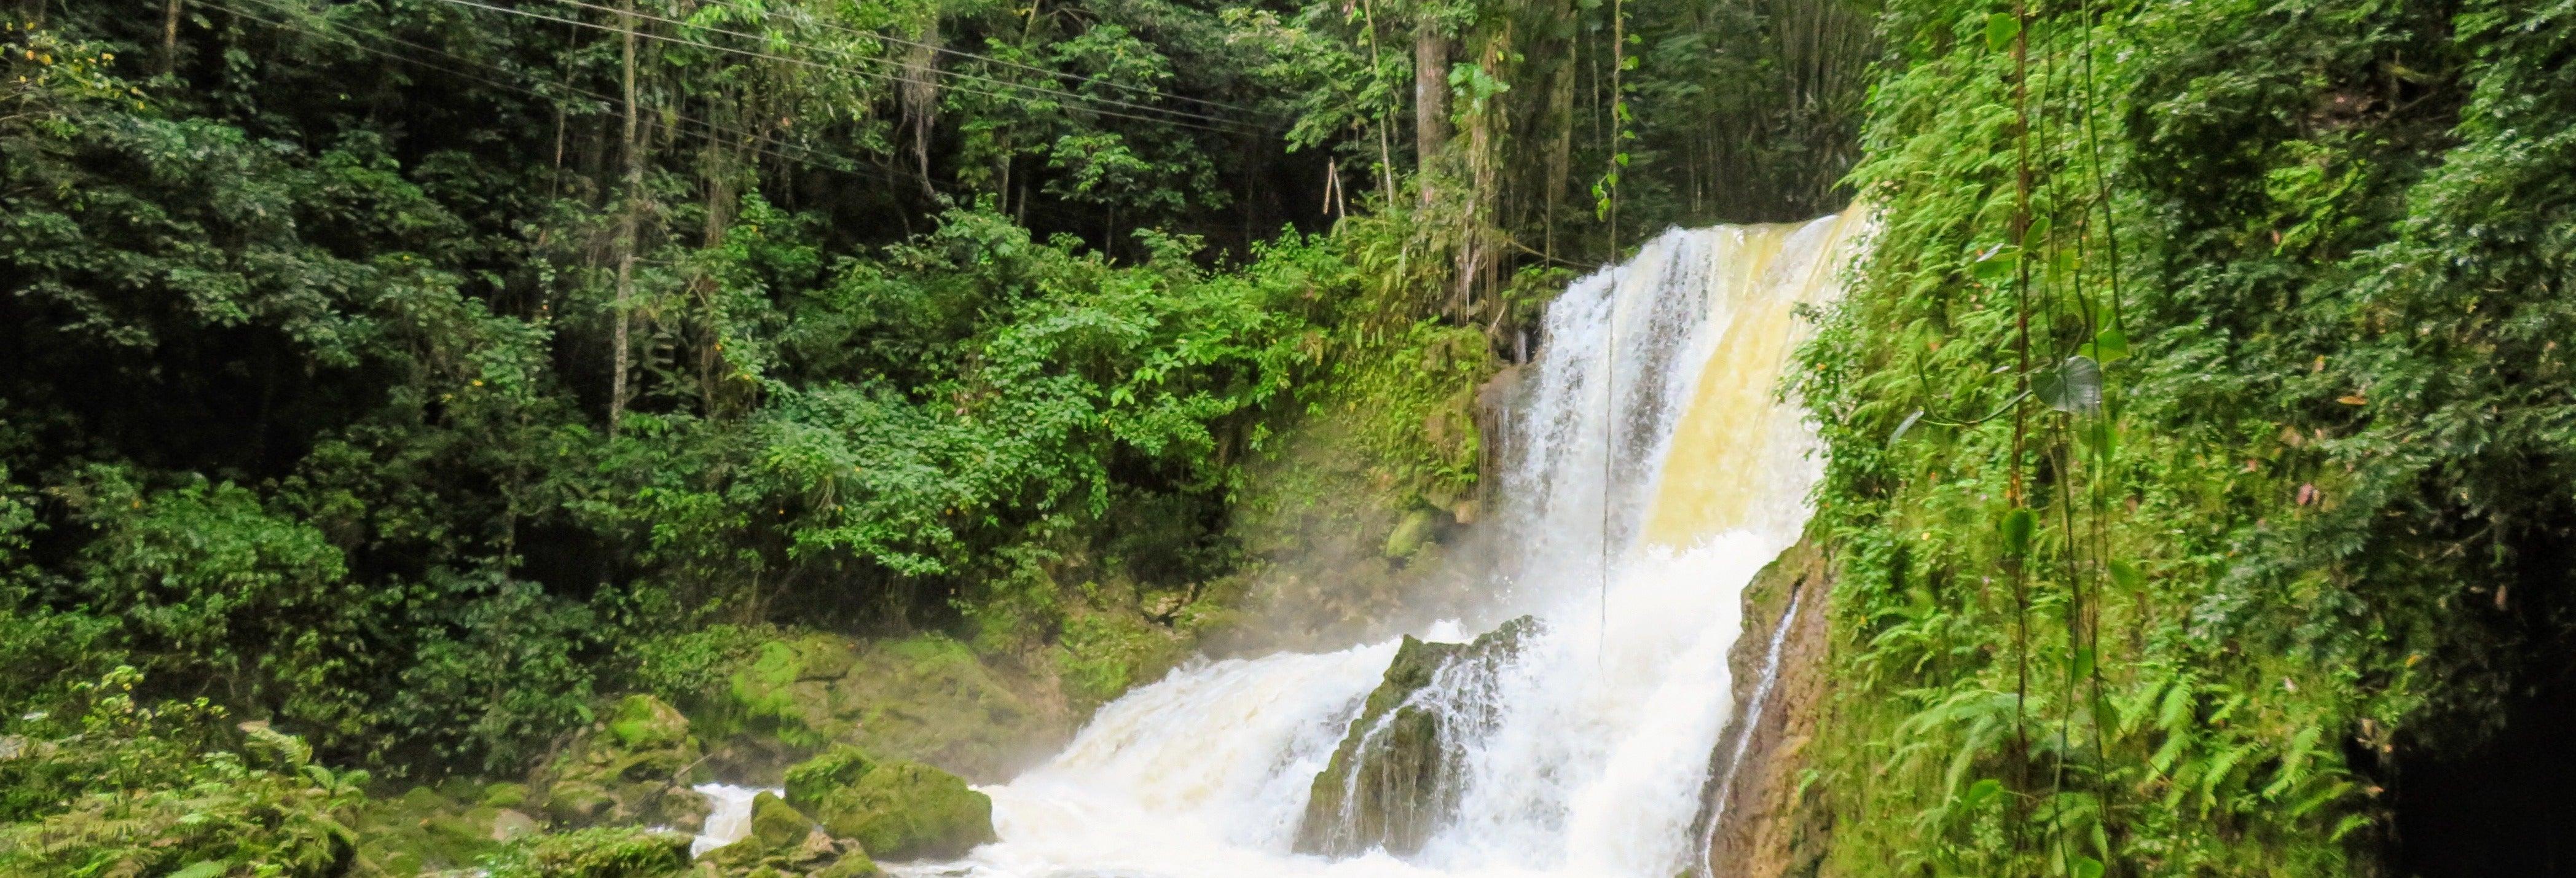 Escursione a Black River e alle Cascate YS